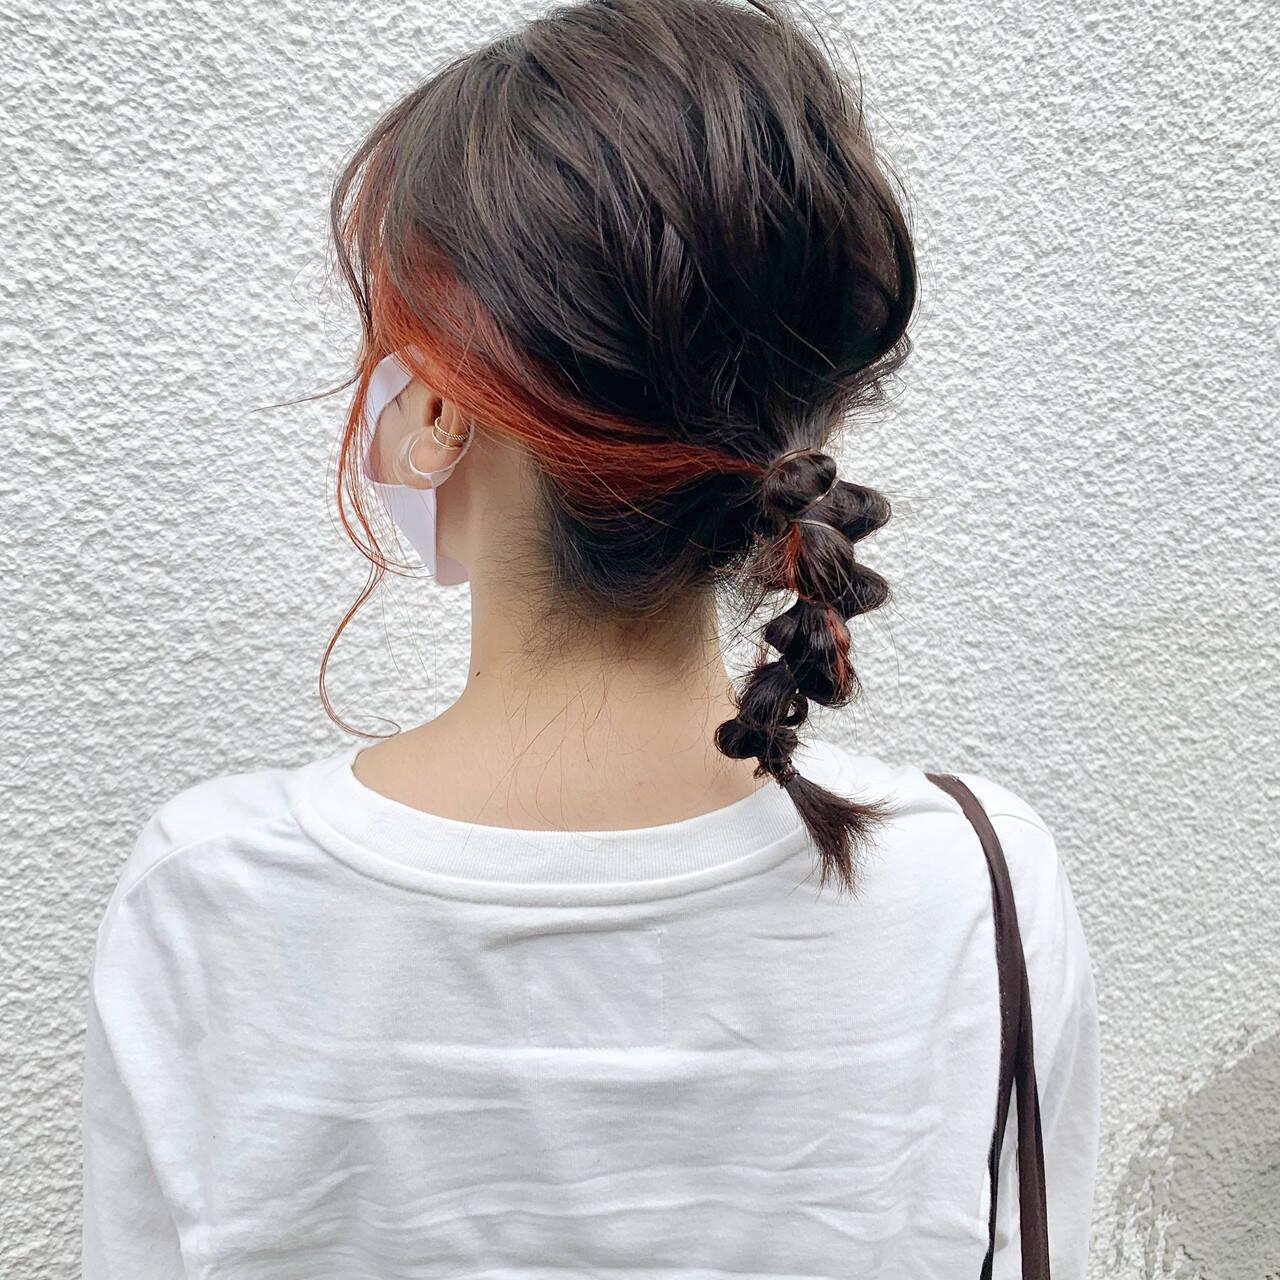 ヘアアレンジ ミディアム ラーメンマンヘア 簡単ヘアアレンジヘアスタイルや髪型の写真・画像